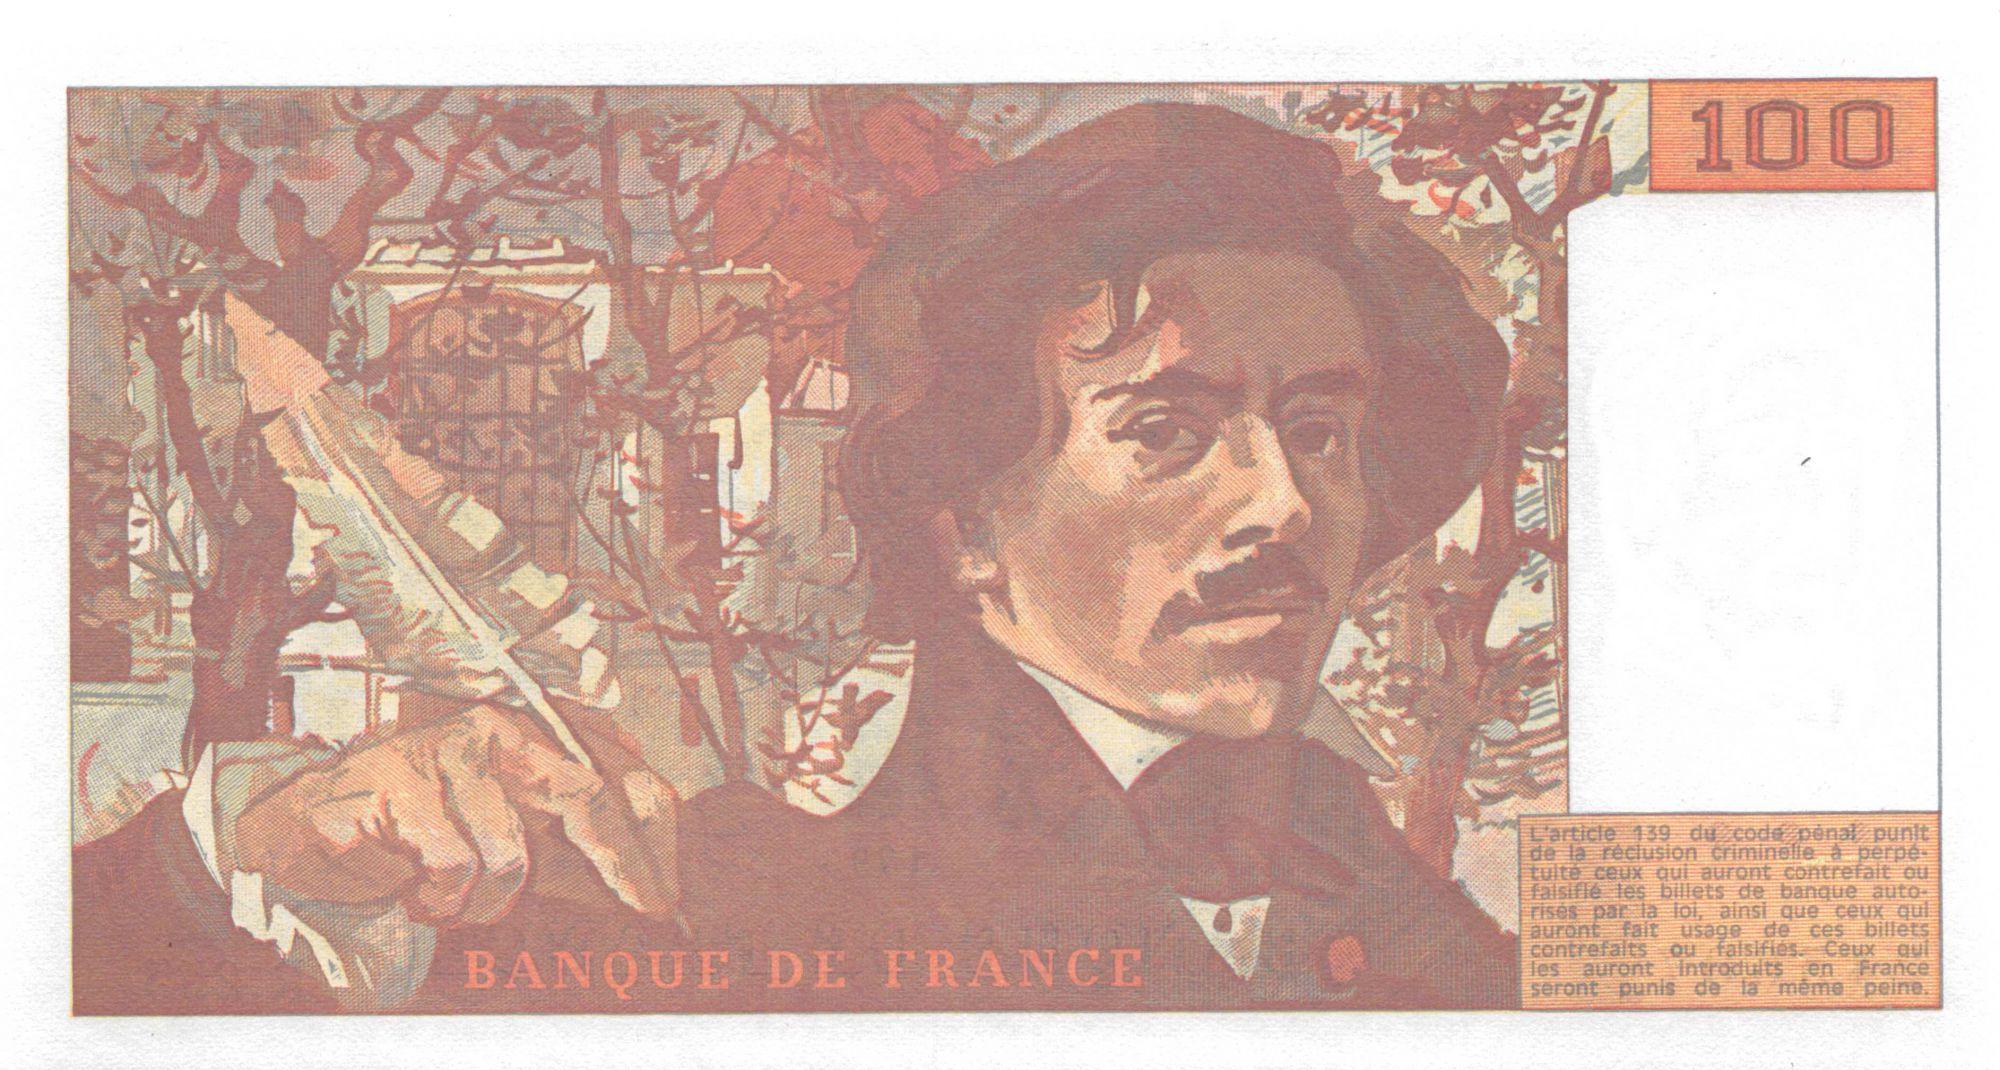 France 100 Francs Delacroix - 1993 Série R.255 - NEUF